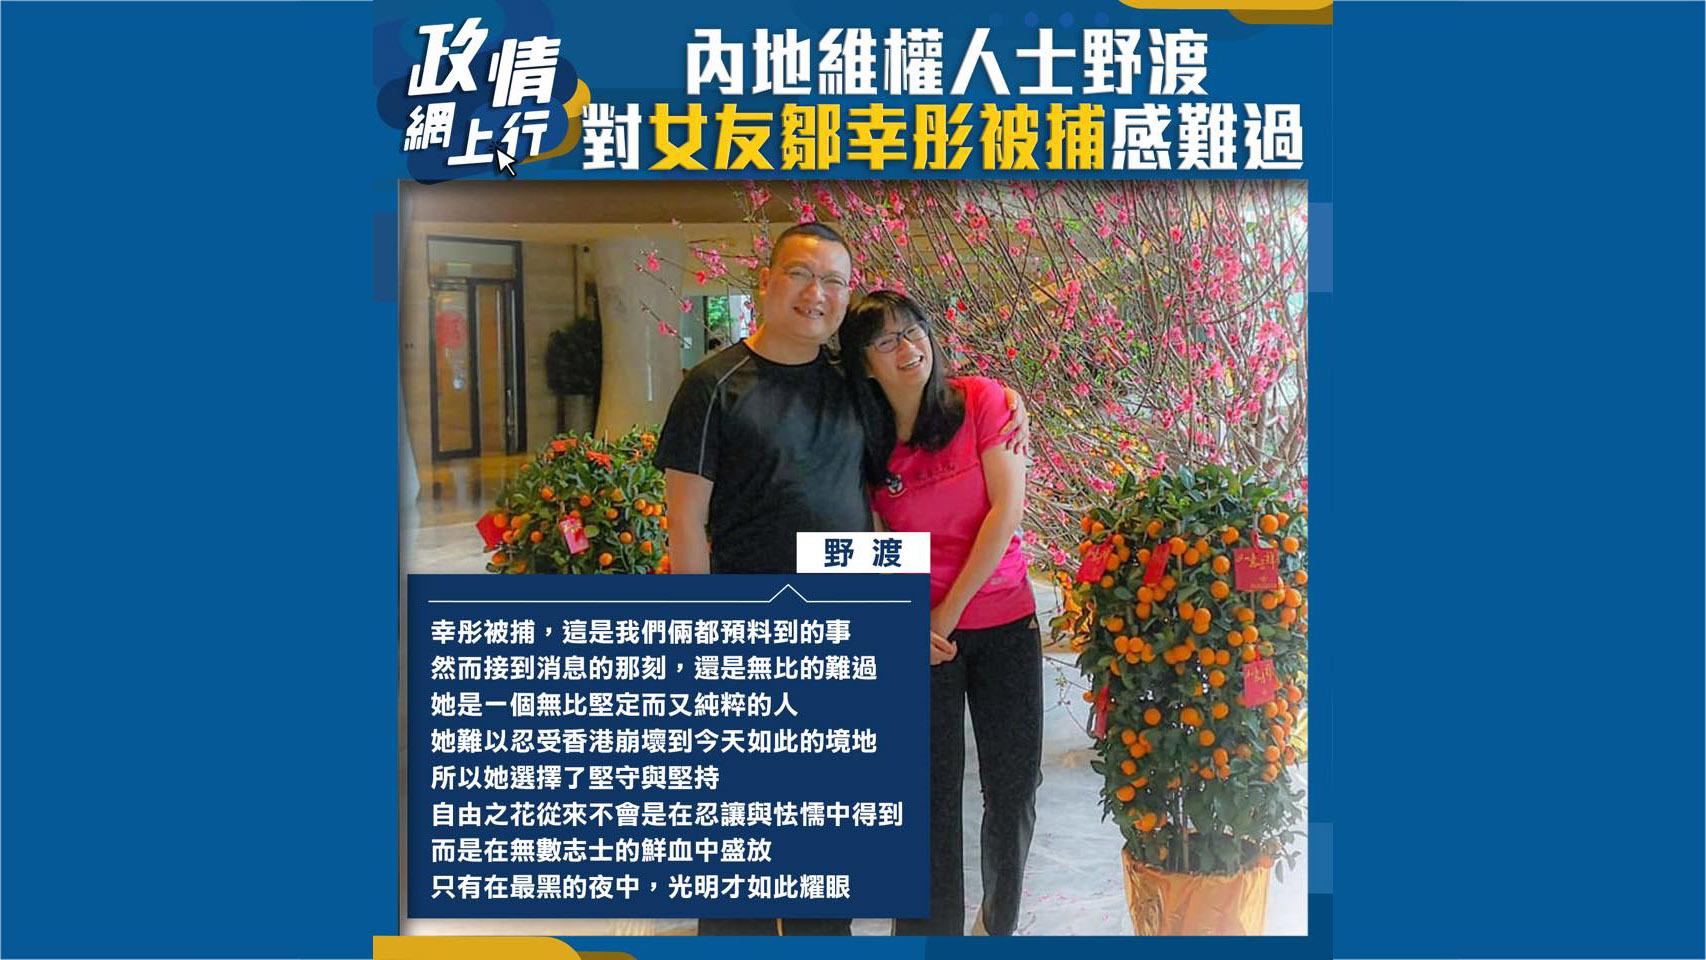 【政情網上行】內地維權人士野渡對女友鄒幸彤被捕感難過